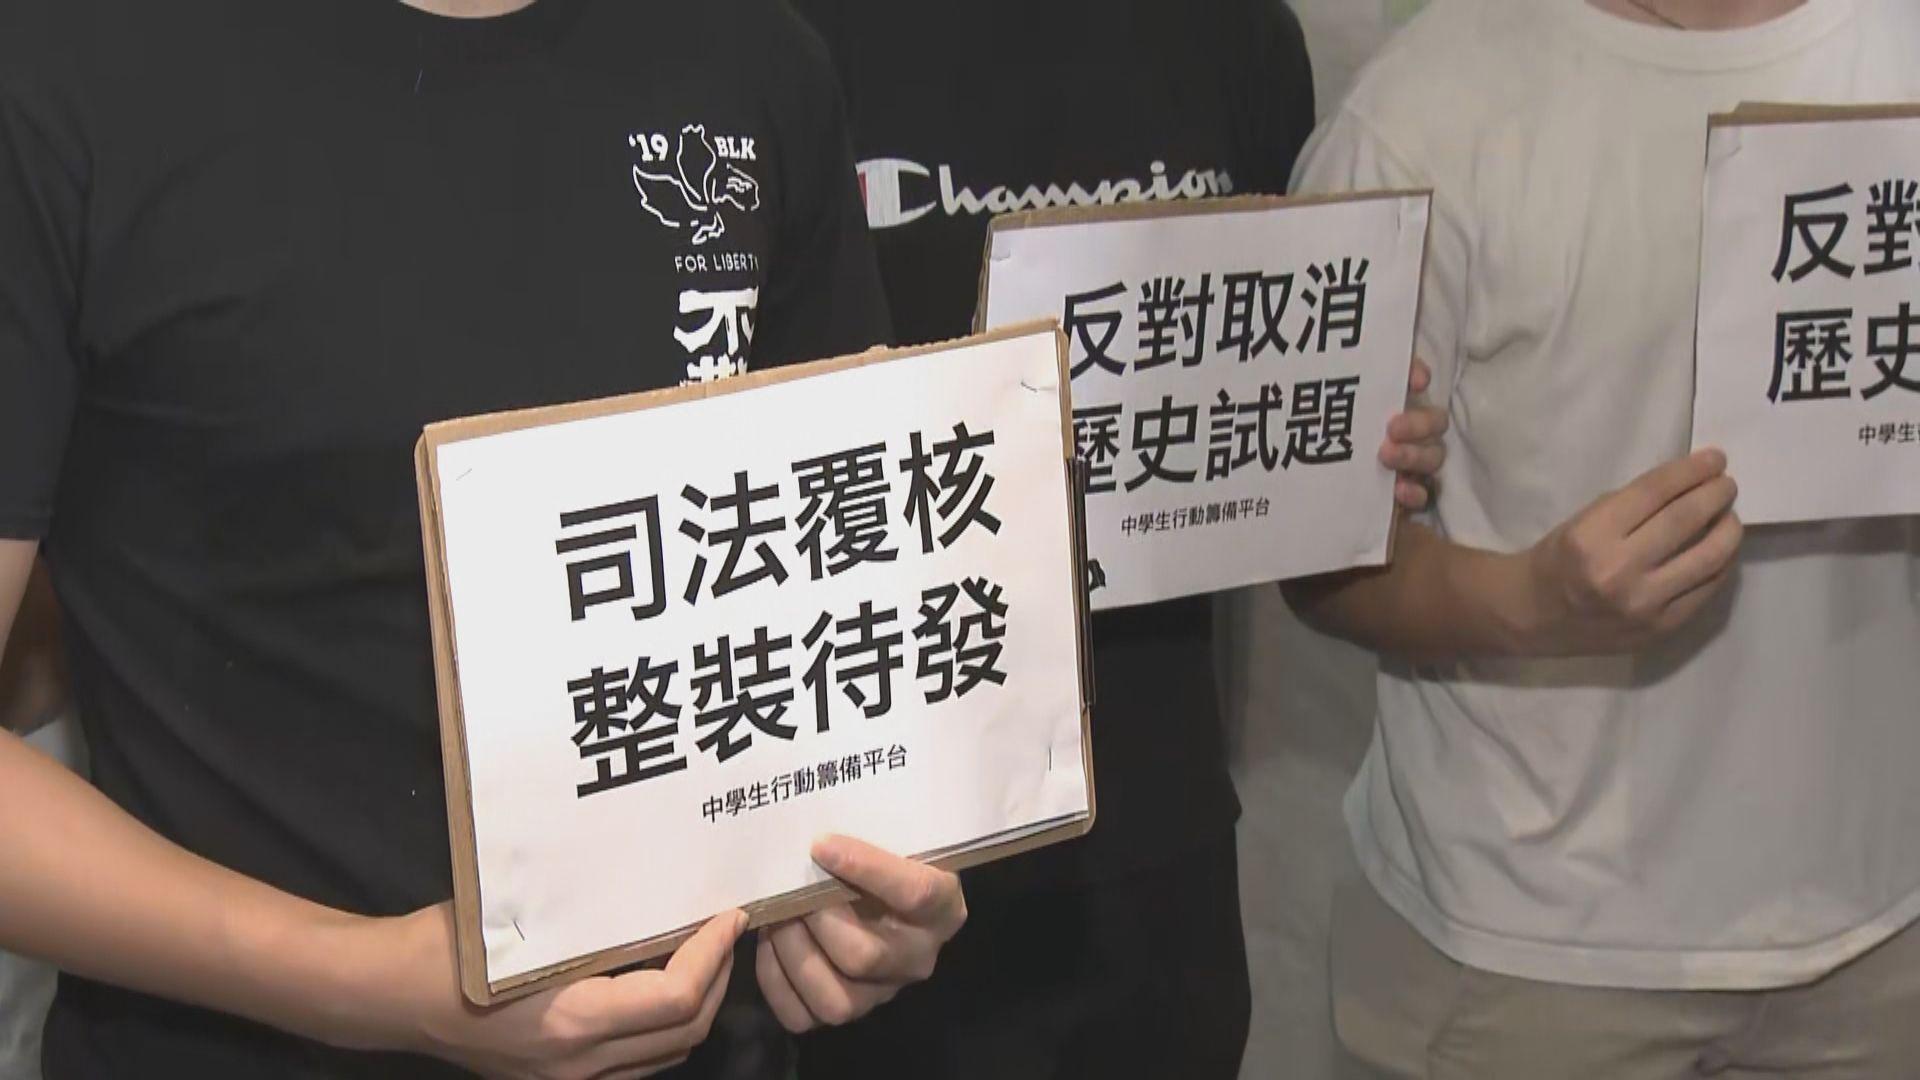 中學生團體及眾志請願反對取消試題 不排除申司法覆核